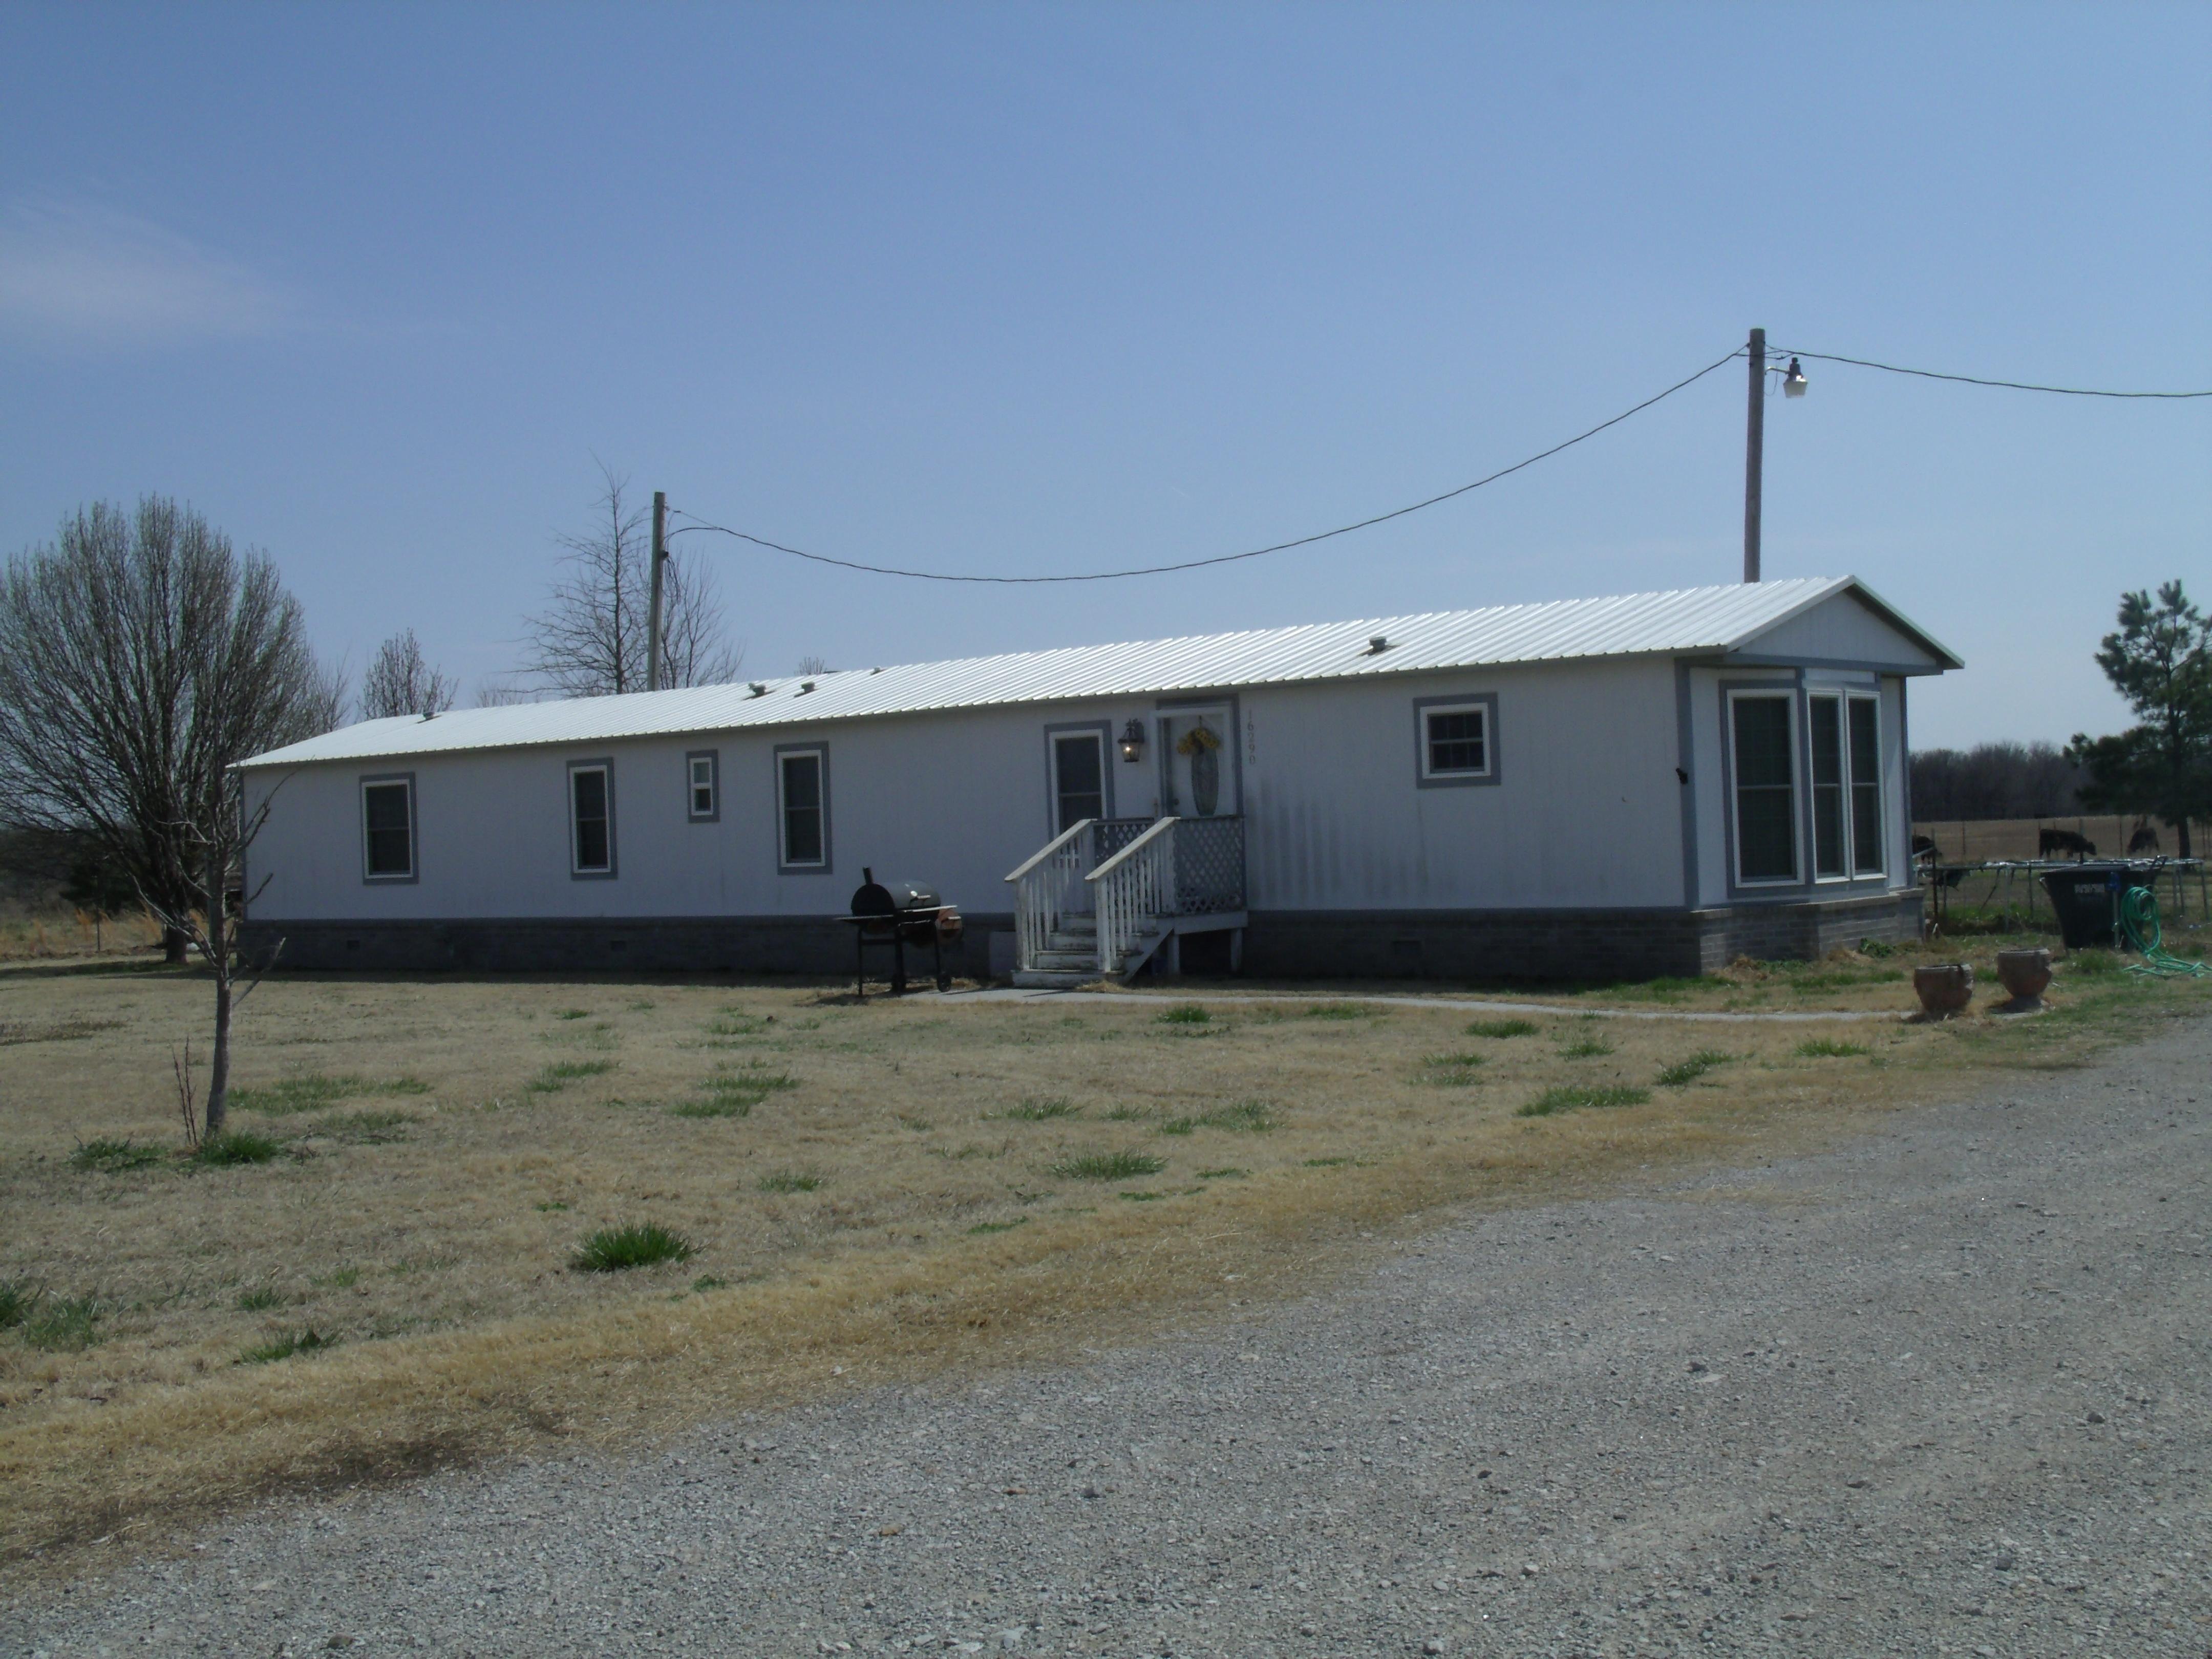 Upcoming Auctions - May 1st thru 22nd - BidLoud Realty LLC - Tulsa ...